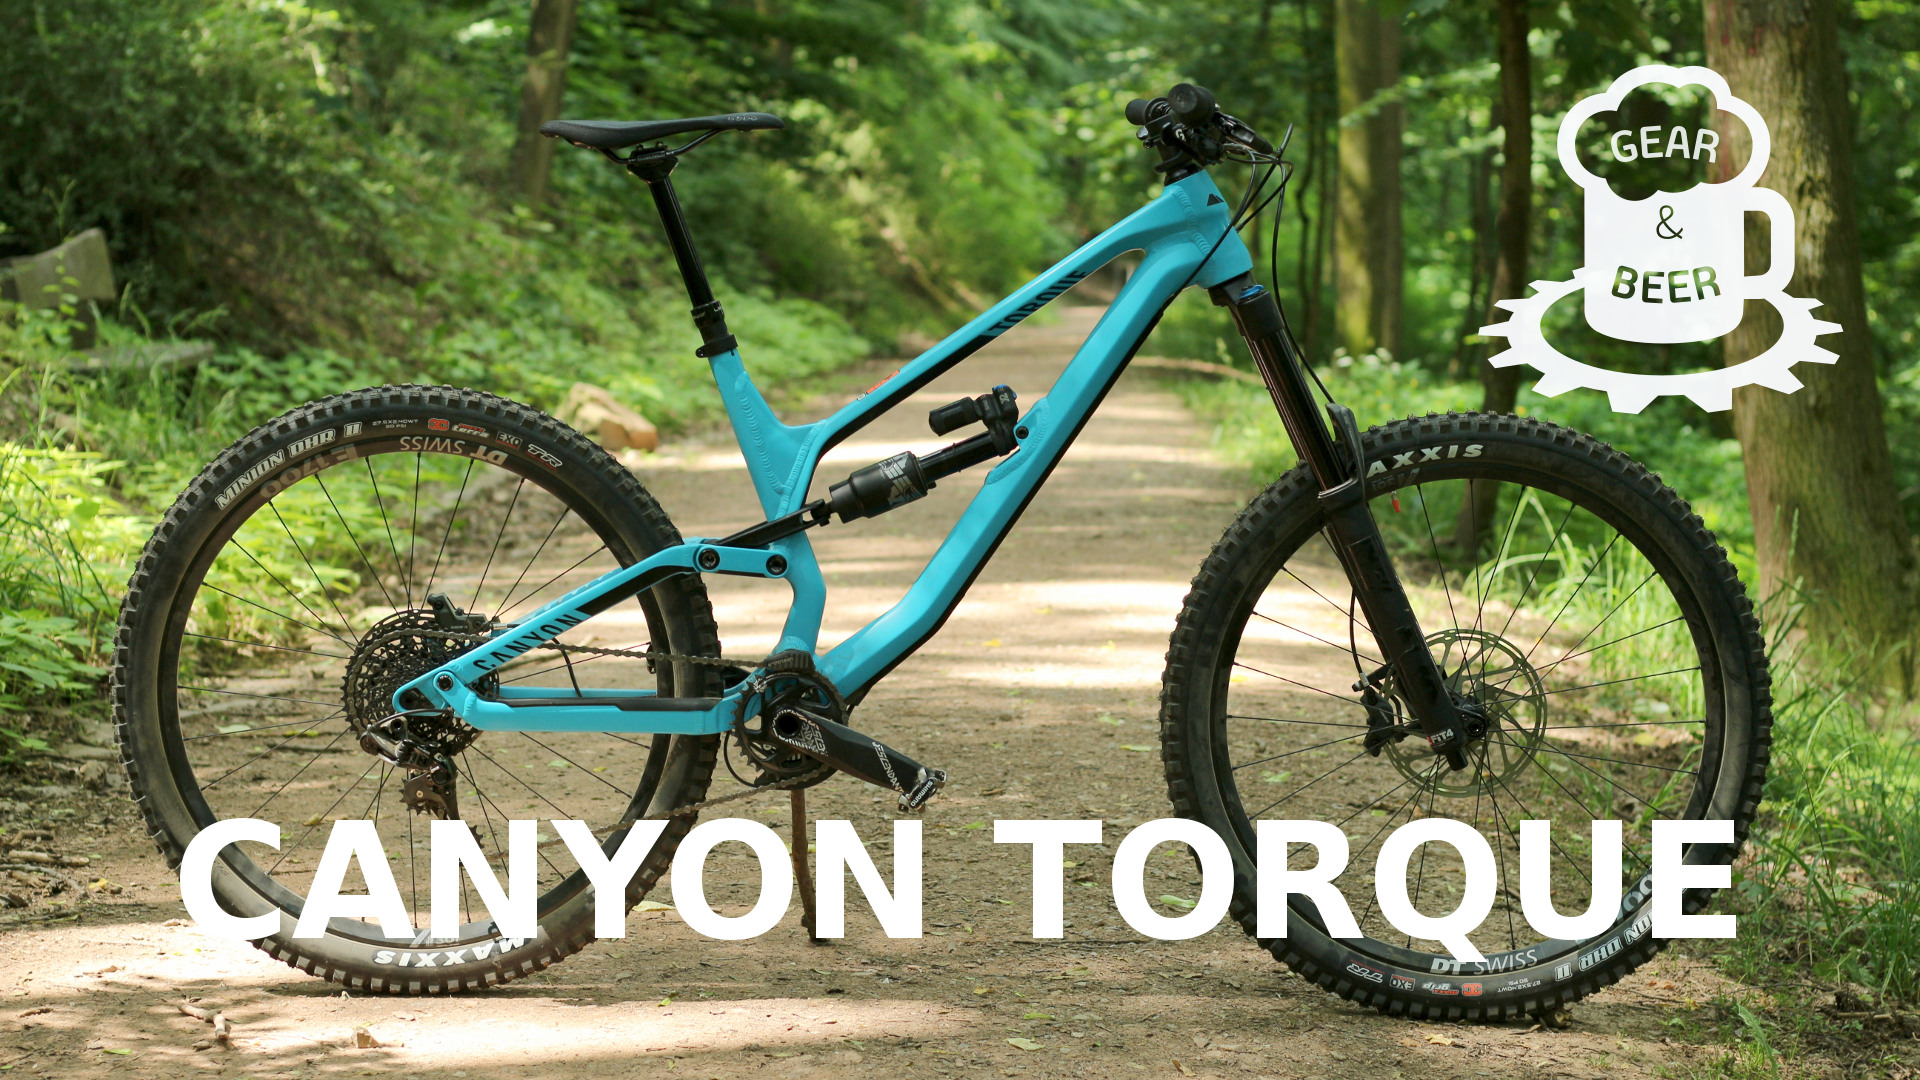 Canyon torque